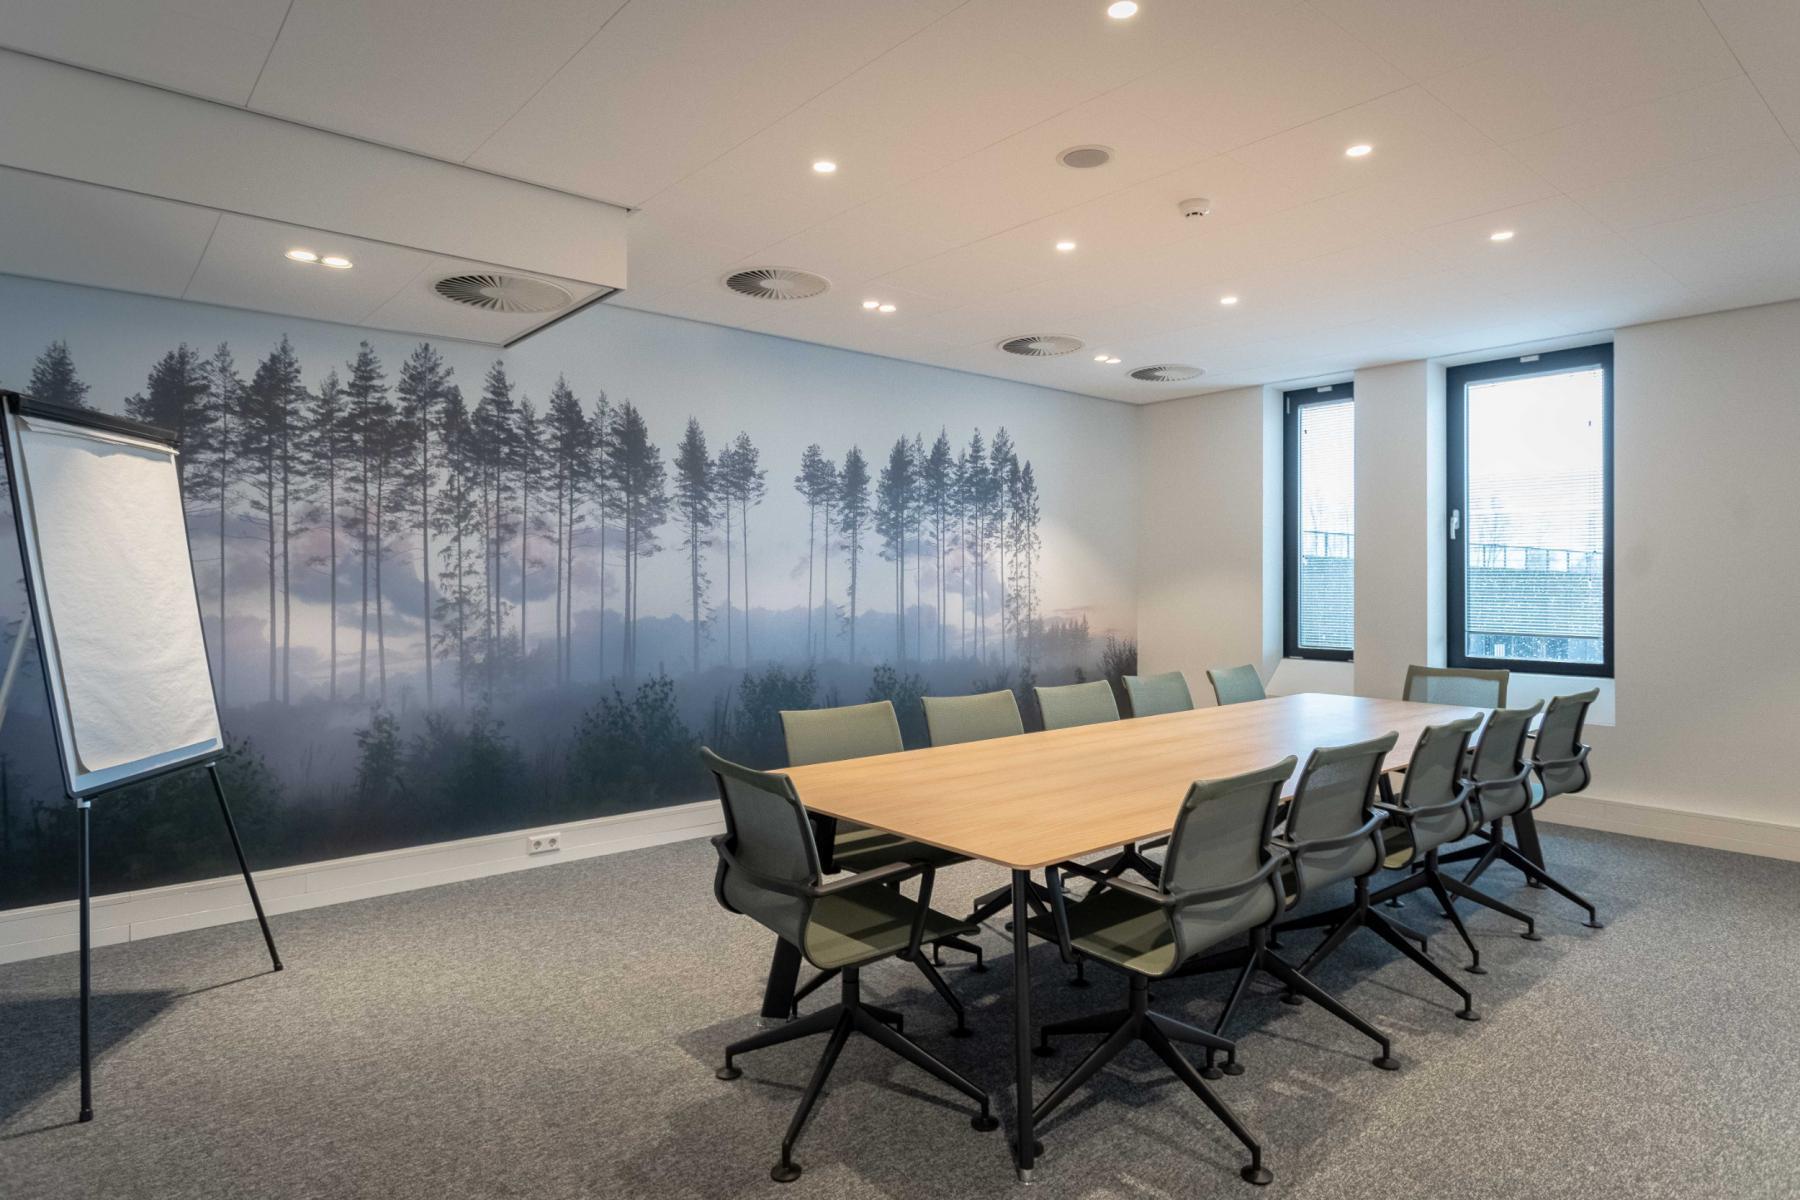 Utrecht van deventerlaan vergaderzaal gemeubileerd kantoorruimtes kantoorgebouw